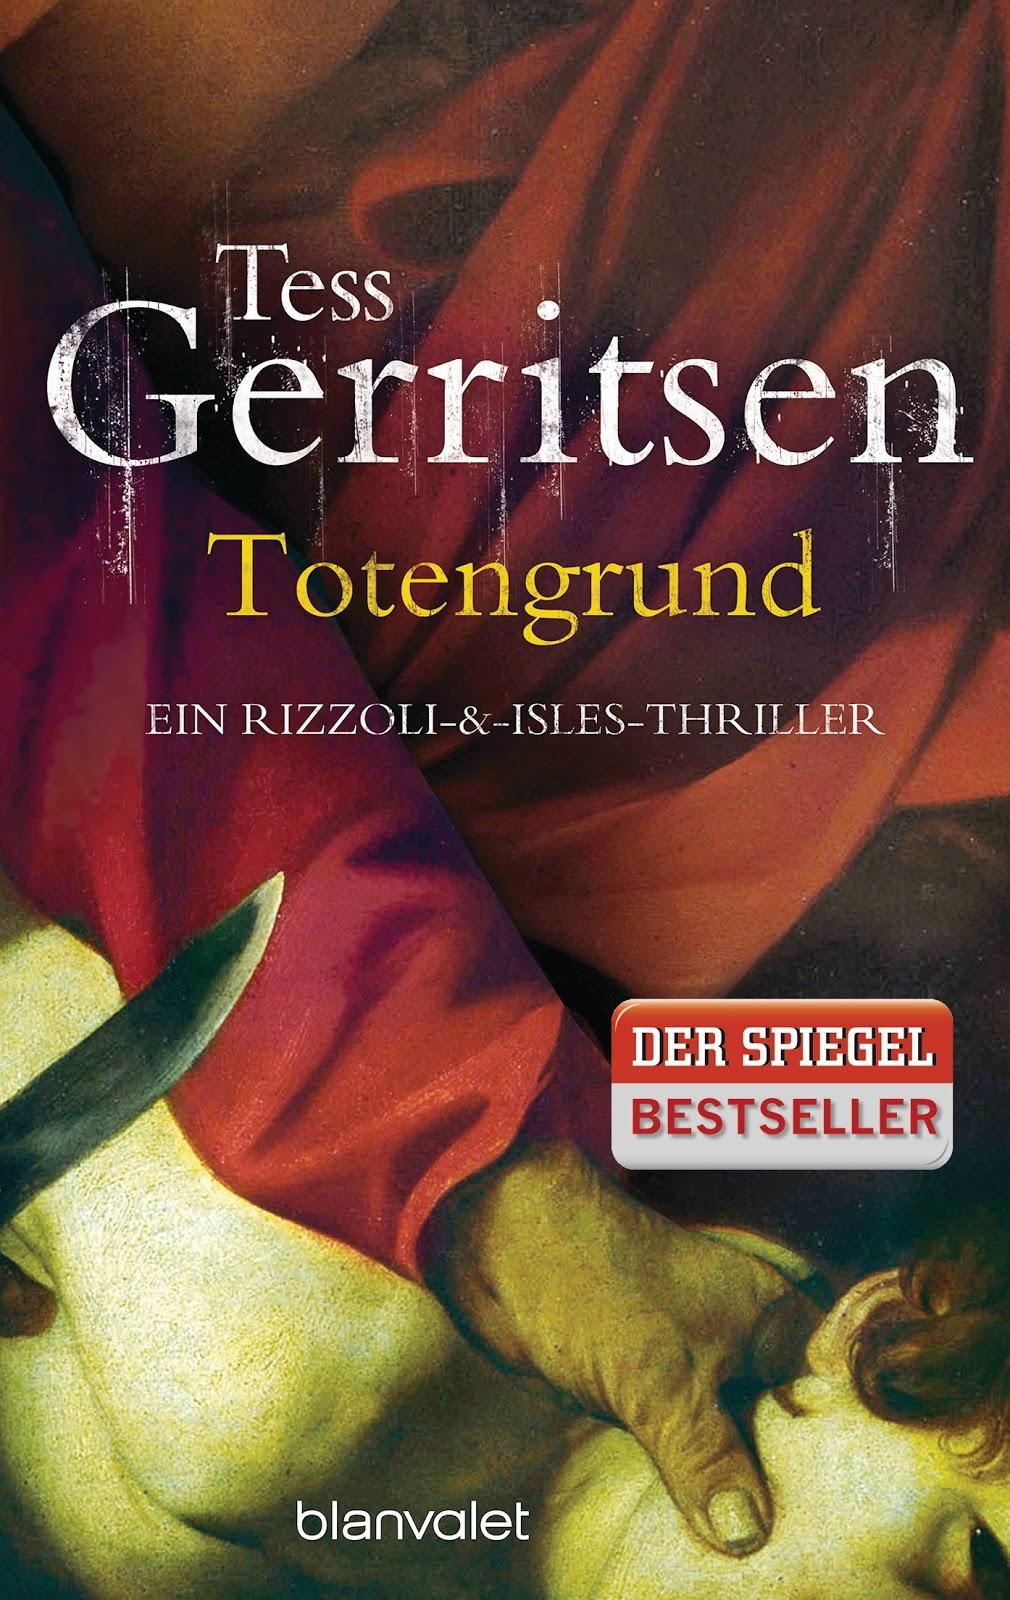 http://www.randomhouse.de/Presse/Taschenbuch/Totengrund-Ein-Rizzoli-Isles-Thriller/Tess-Gerritsen/pr331234.rhd?men=1&pub=1000